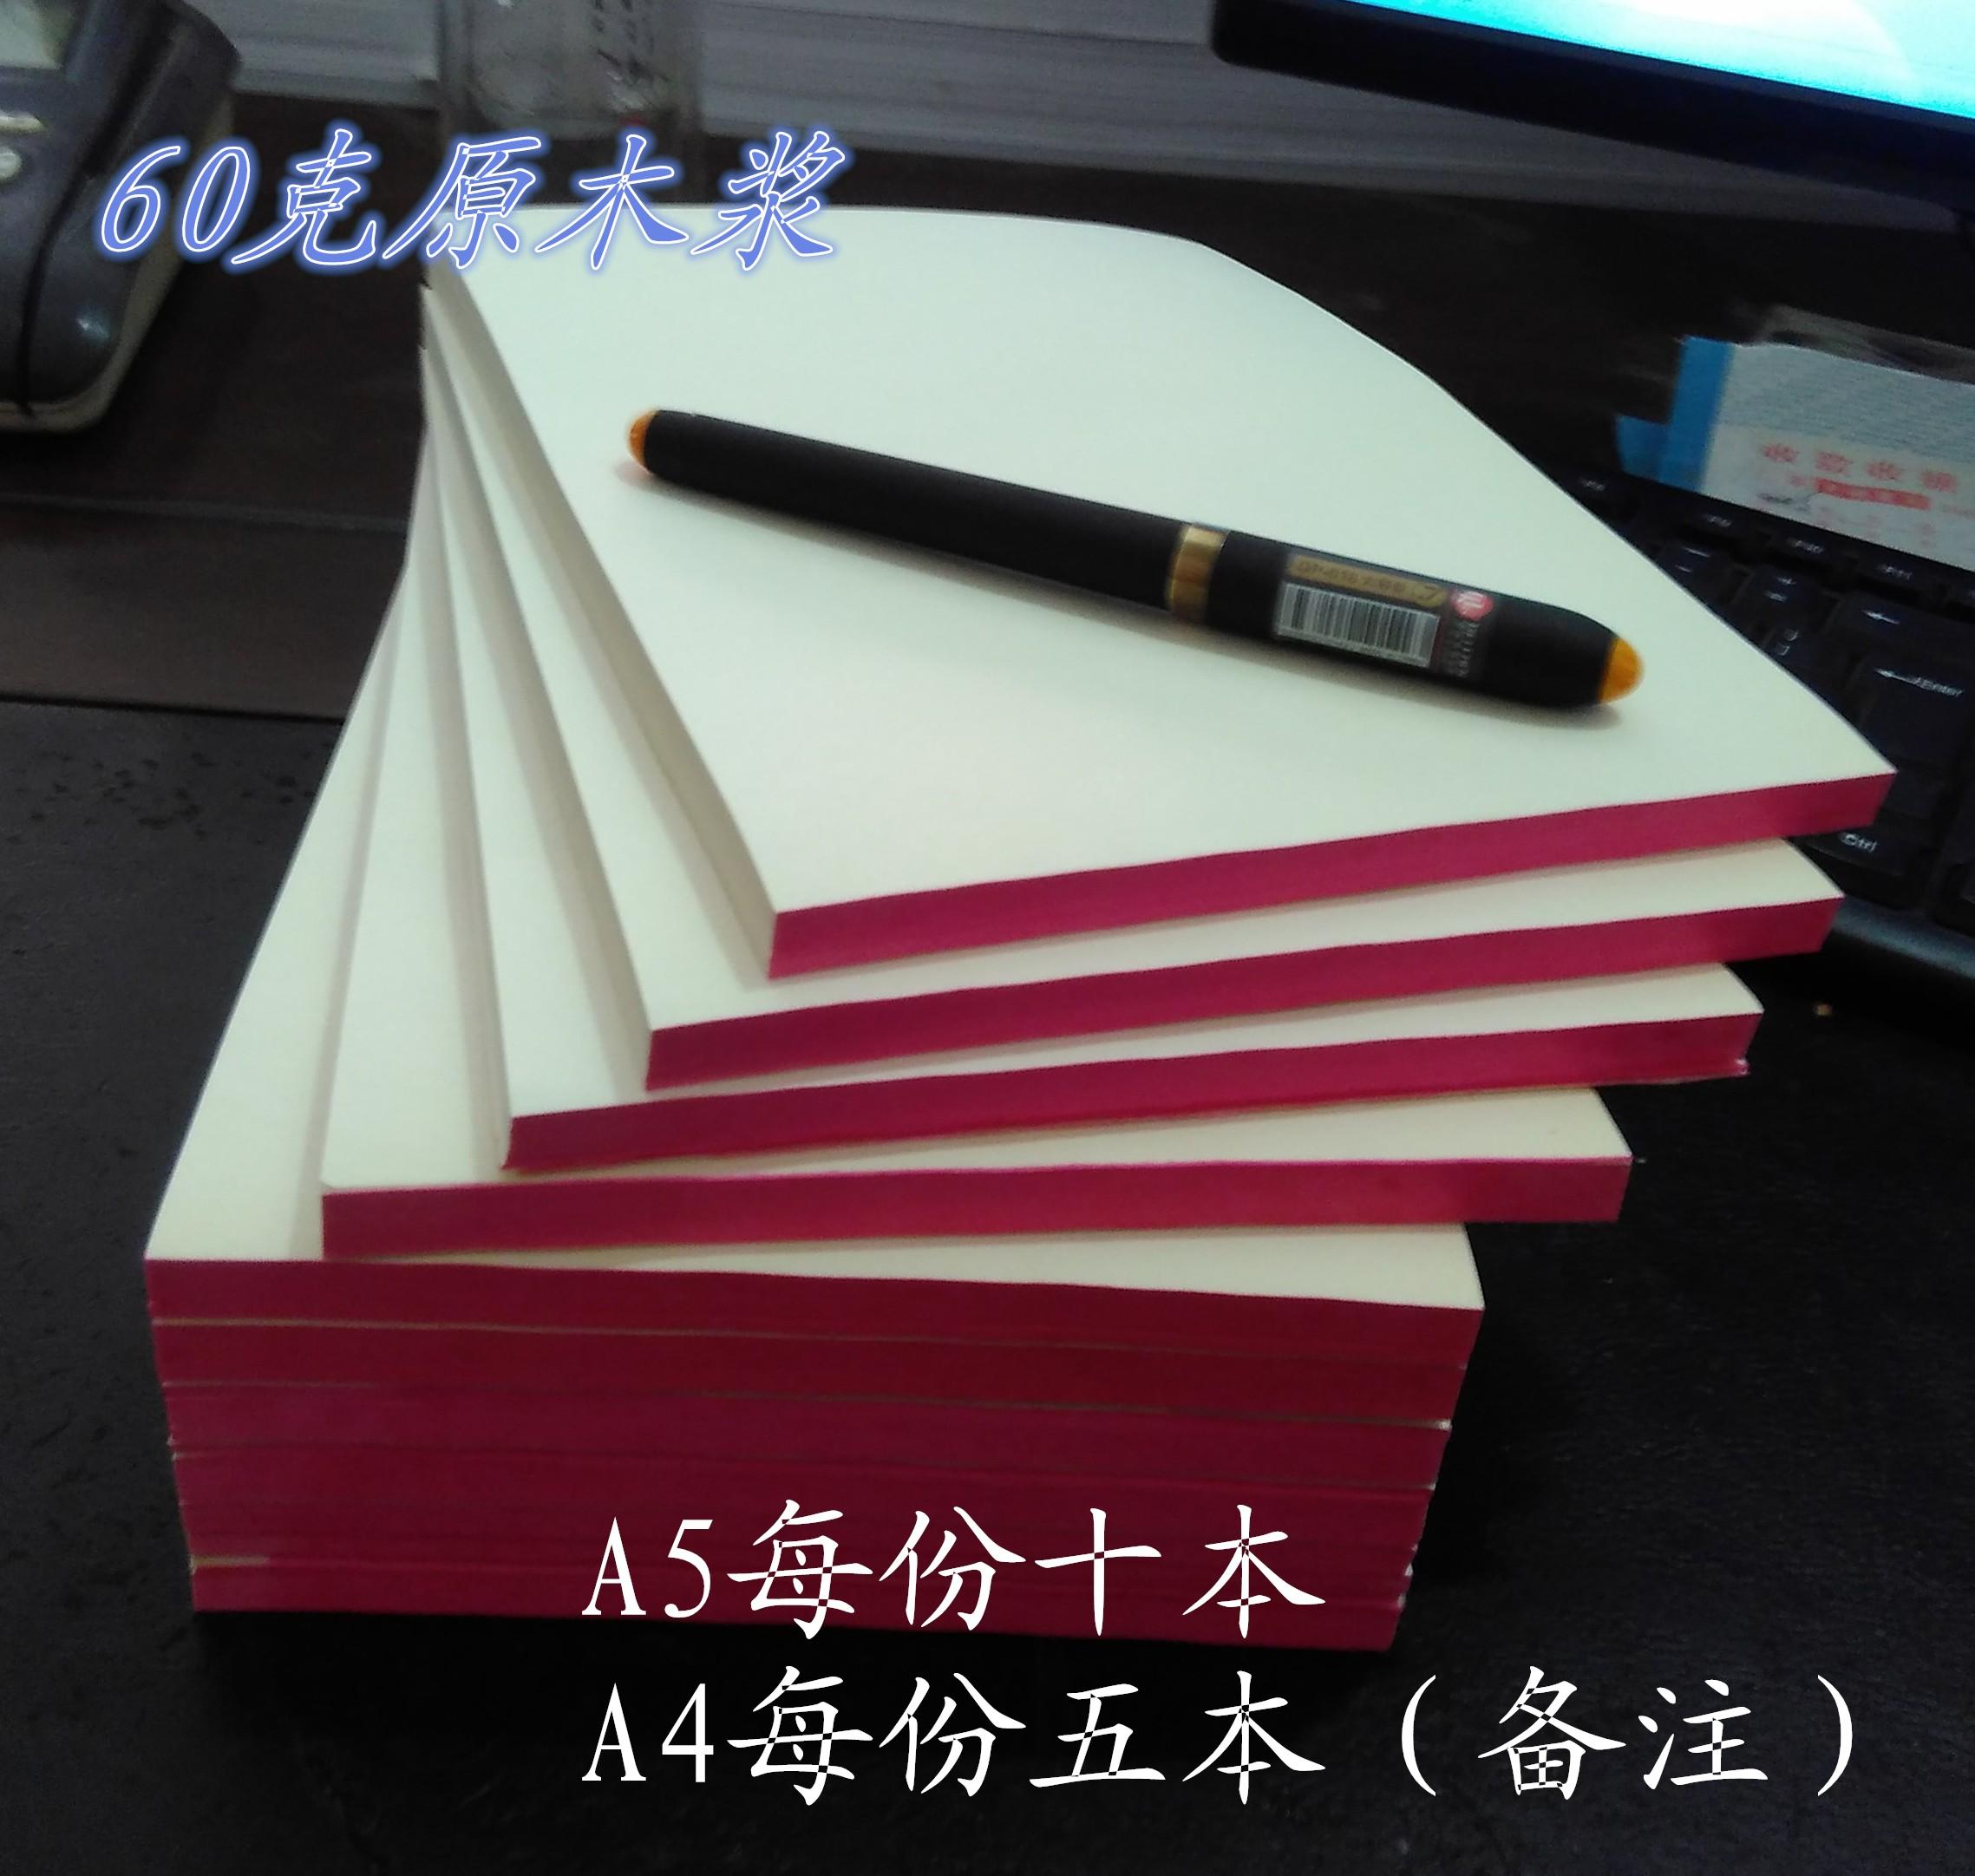 Спеццена доставка включена клей наряд A4, A5 высокий тест , тест исследование трава черновик книга запись белый пустой граффити живопись живопись